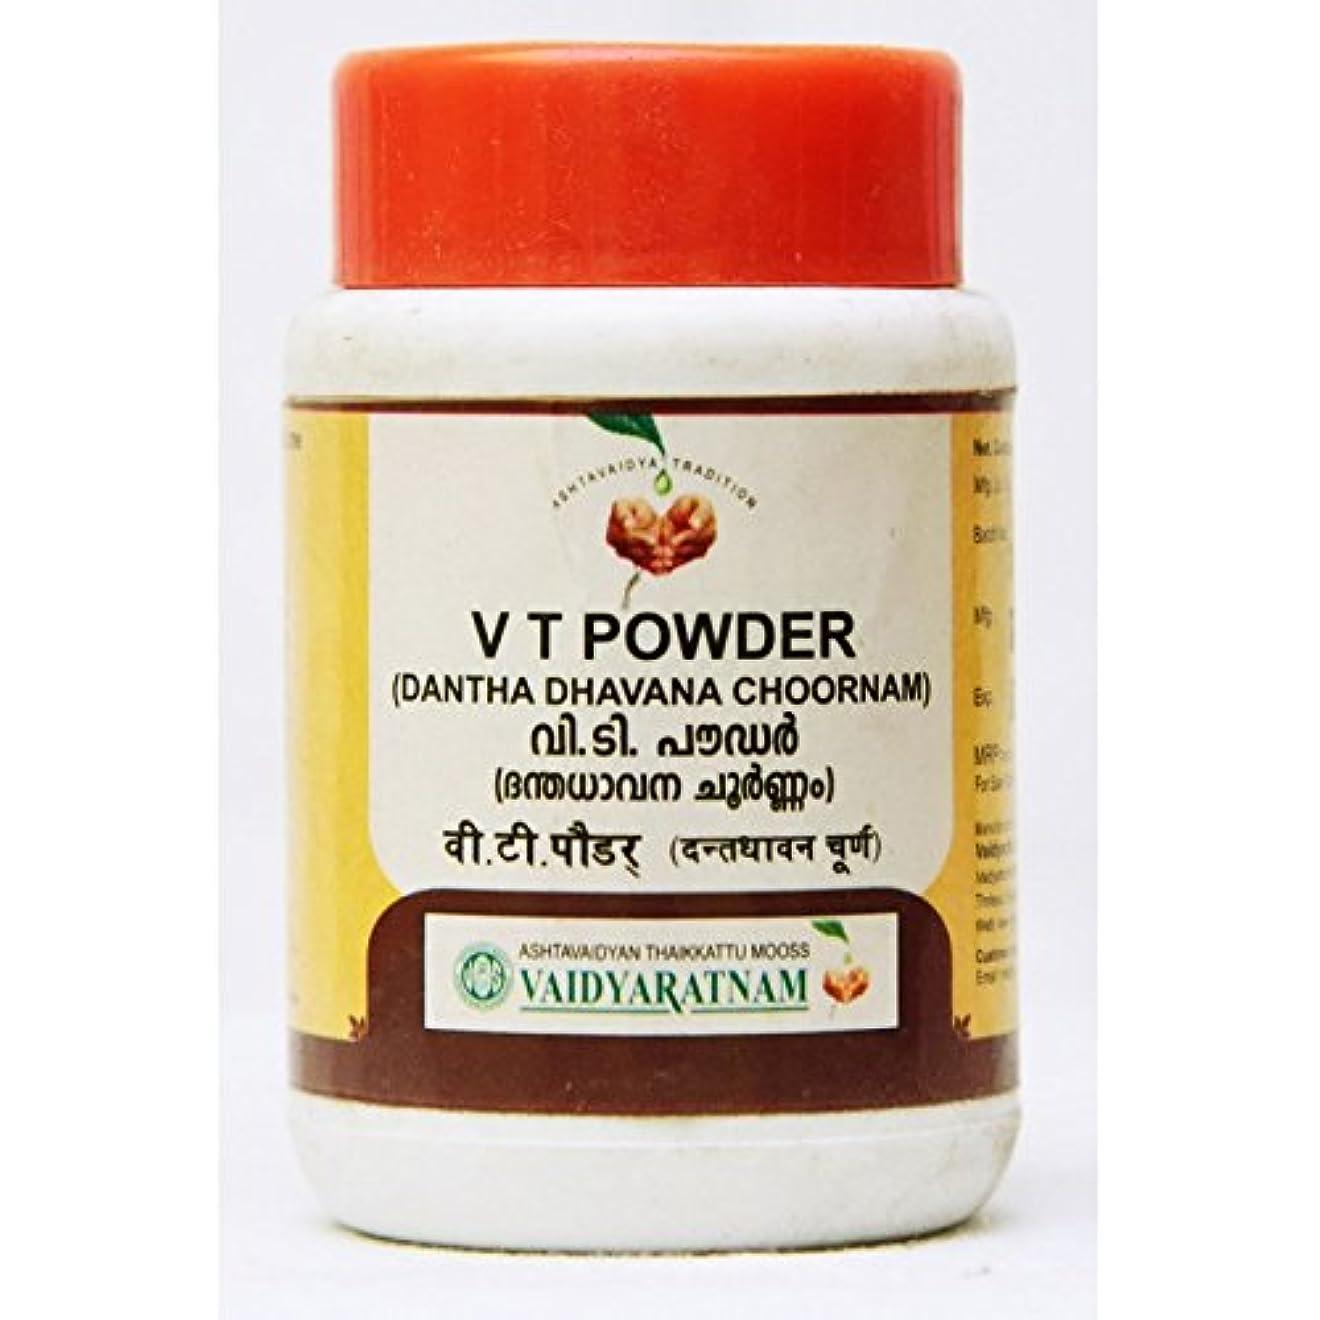 図書館魂鰐Ayurvedic Vaidyaratnam Tooth Powder ( V T Powder )